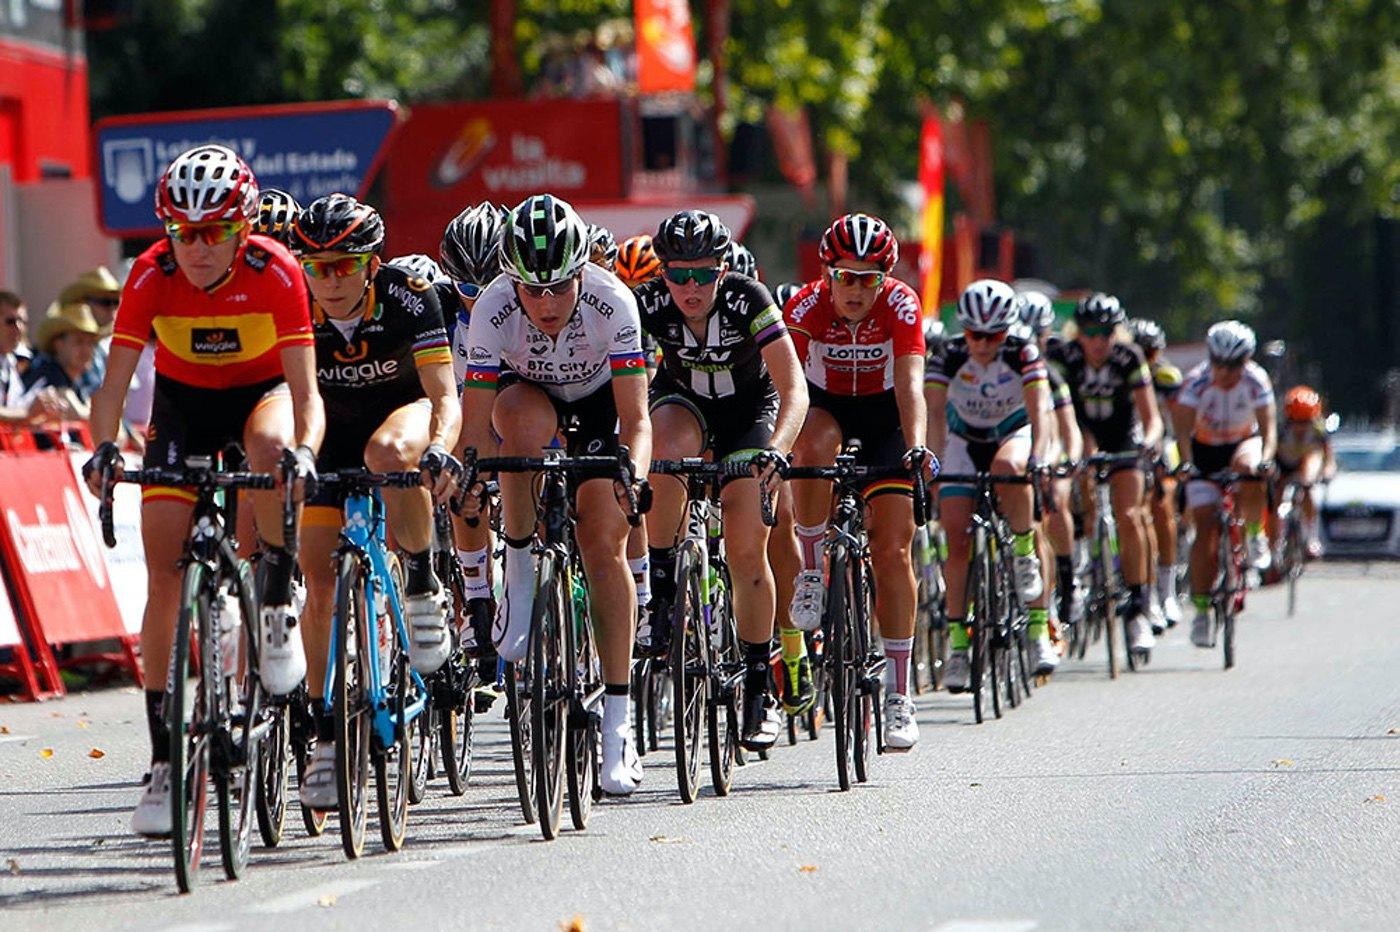 Madrid Challenge by La Vuelta se celebra durante la última etapa de La Vuelta